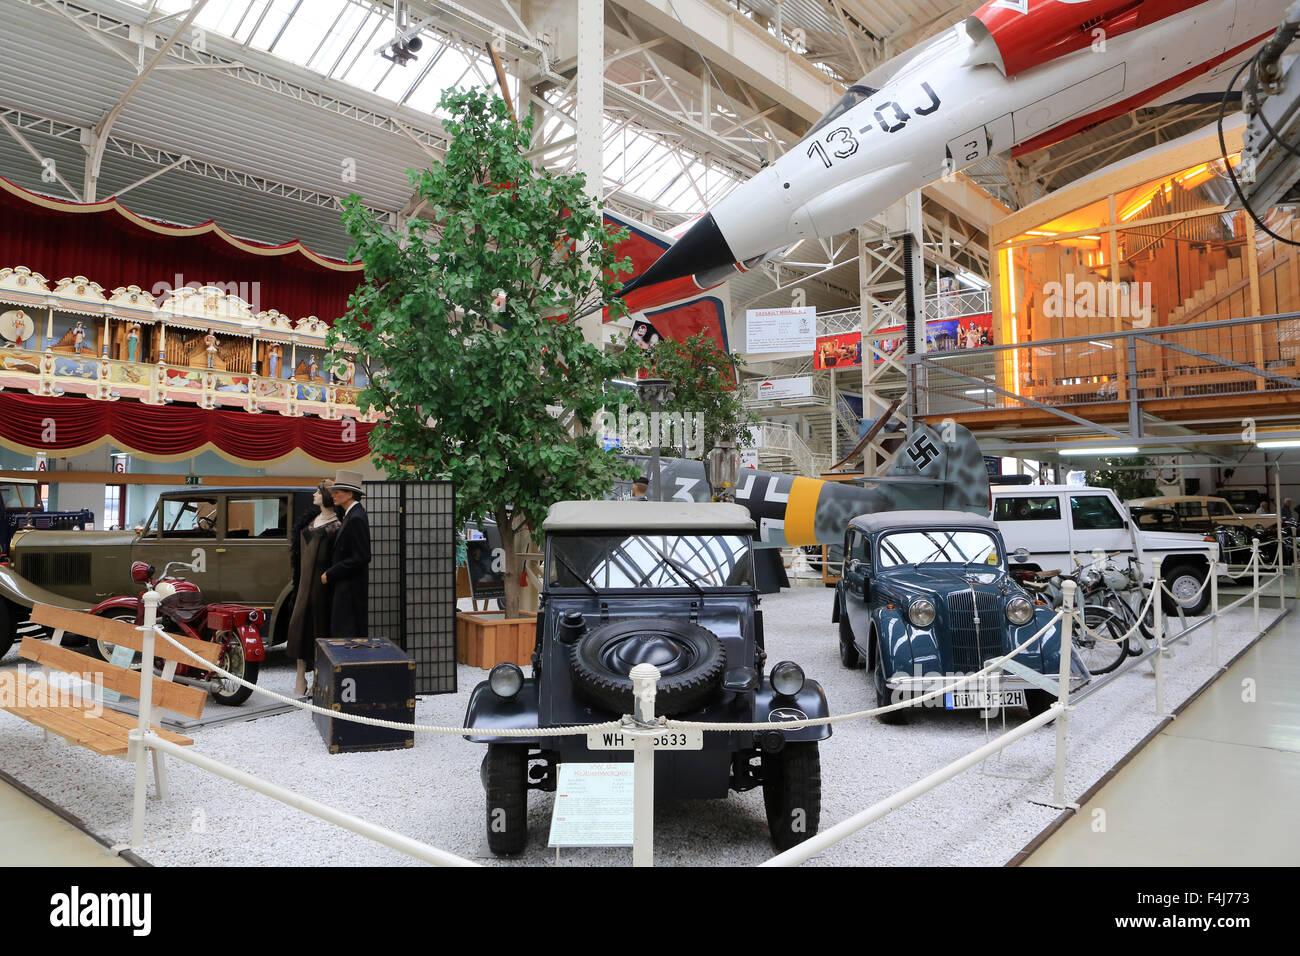 Alte Autos ausstellen, Technik Museum Speyer, Rheinland-Pfalz, Deutschland, Europa Stockbild